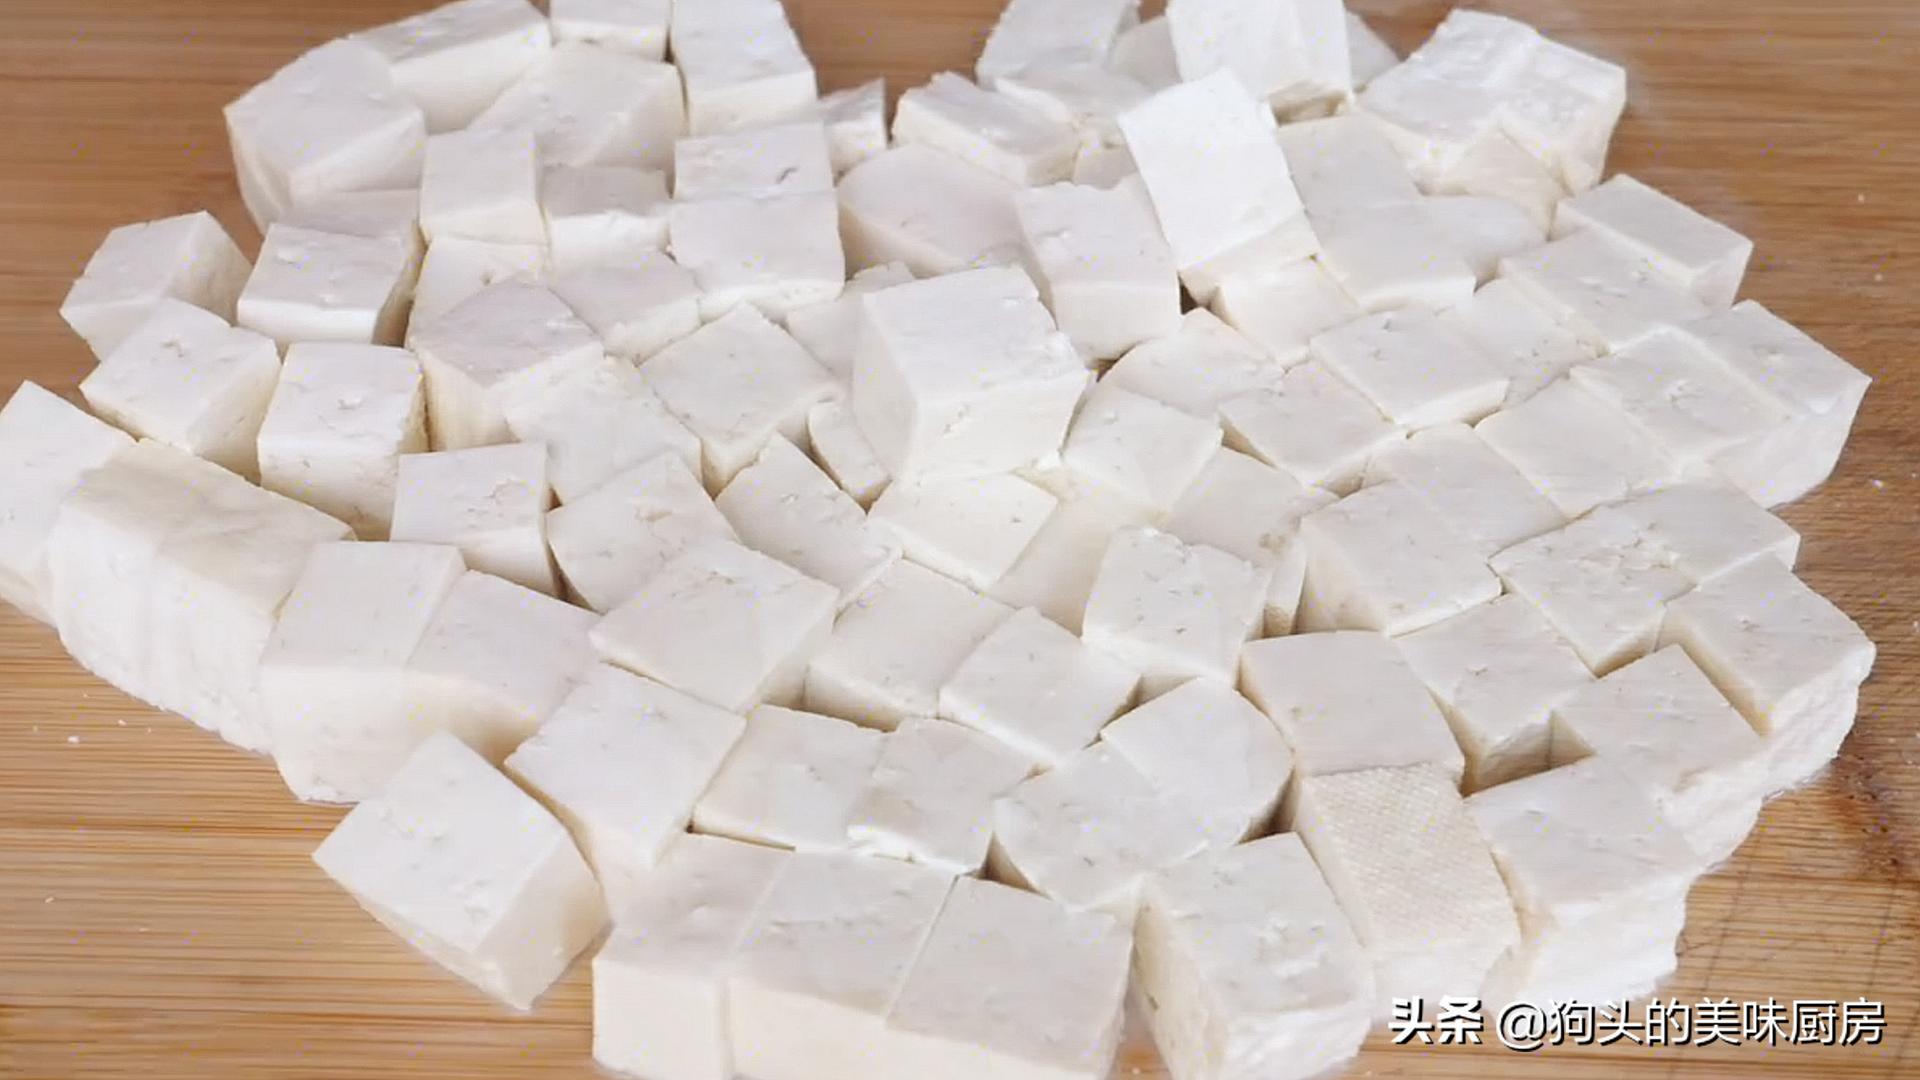 豆腐切成丁,不炒不煎不油炸,连吃一个月也不腻,营养丰富又美味 美食做法 第4张